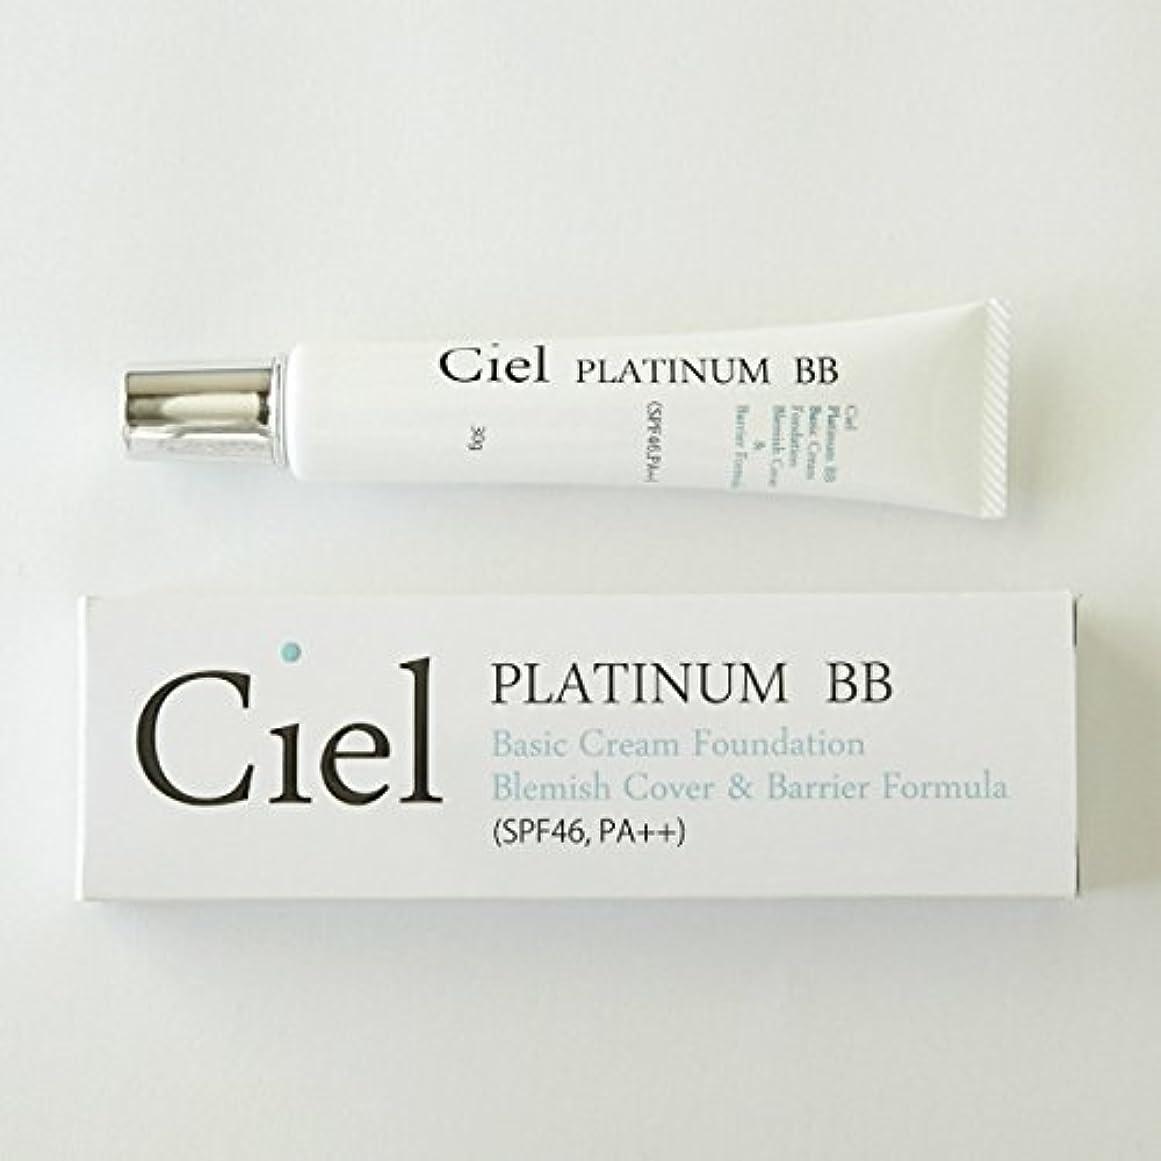 十一色合いチラチラするCiel Salon de Beaute Ciel PLATINUM BB SPF46 BBクリーム ファンデーション 日本製 日焼け止め